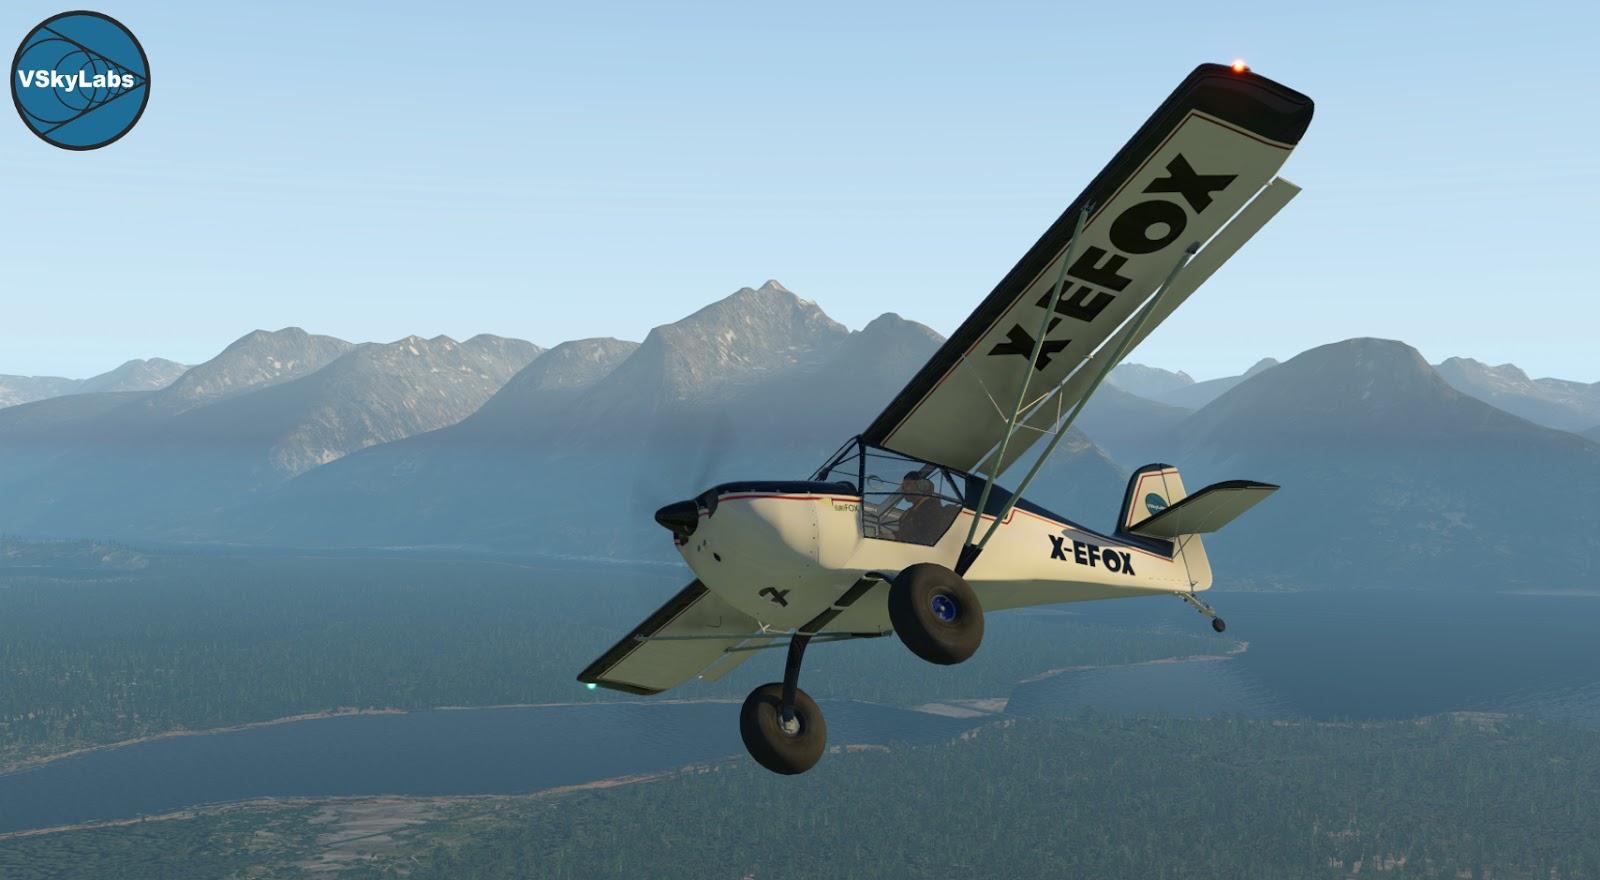 The Vskylabs Aeropro Eurofox